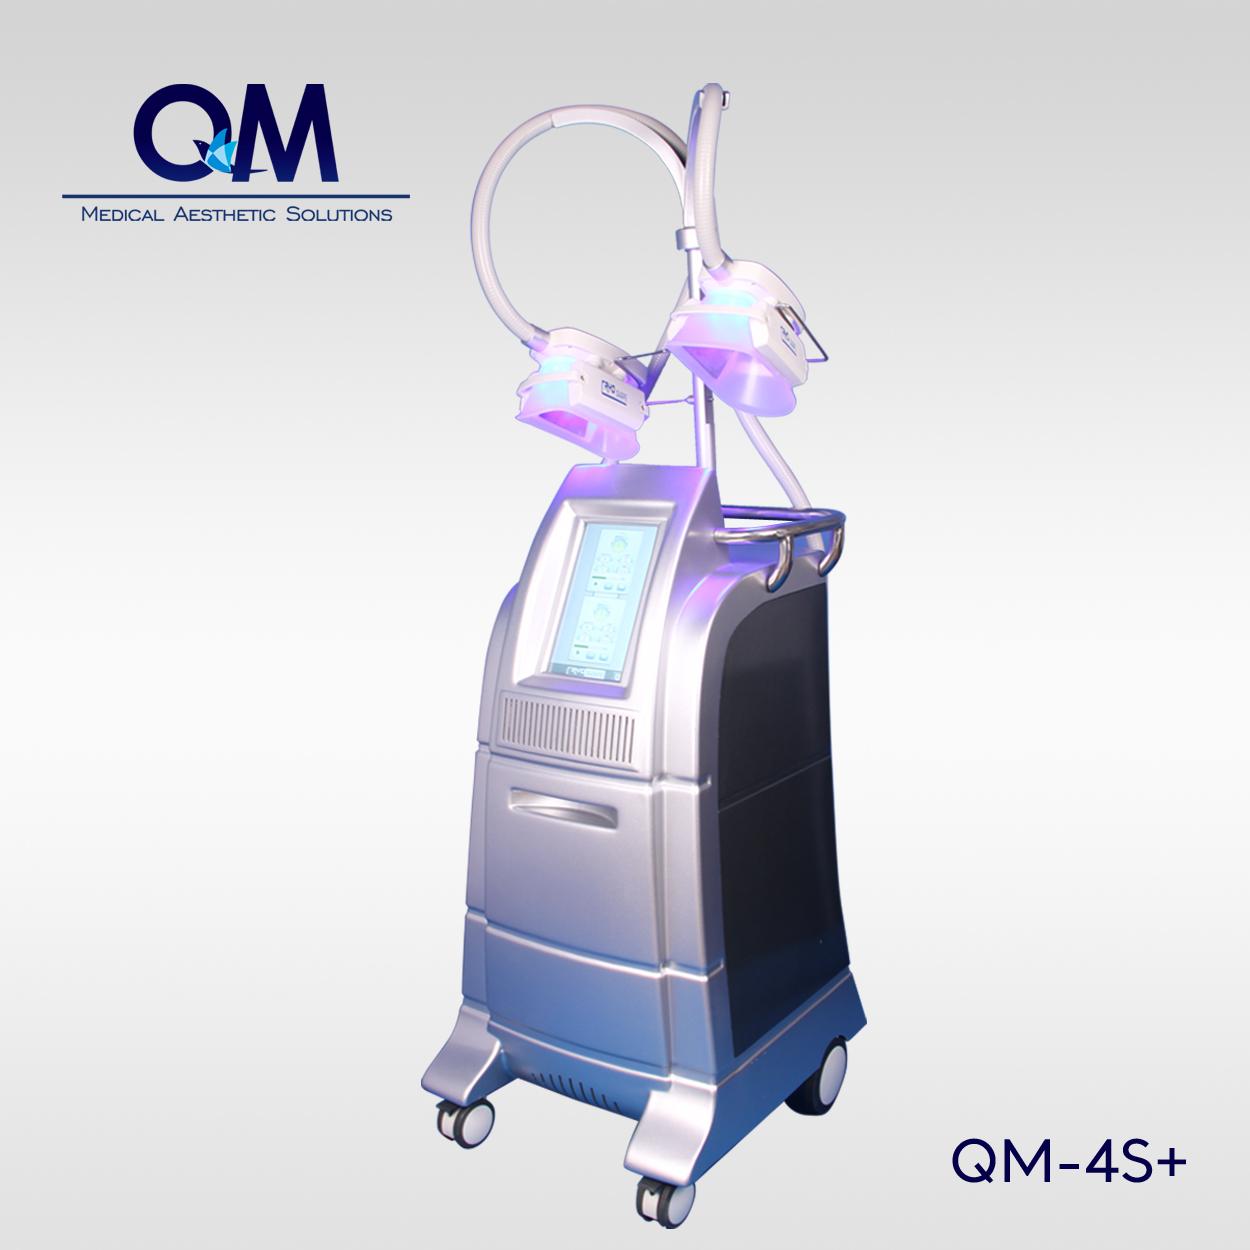 QM-4S+